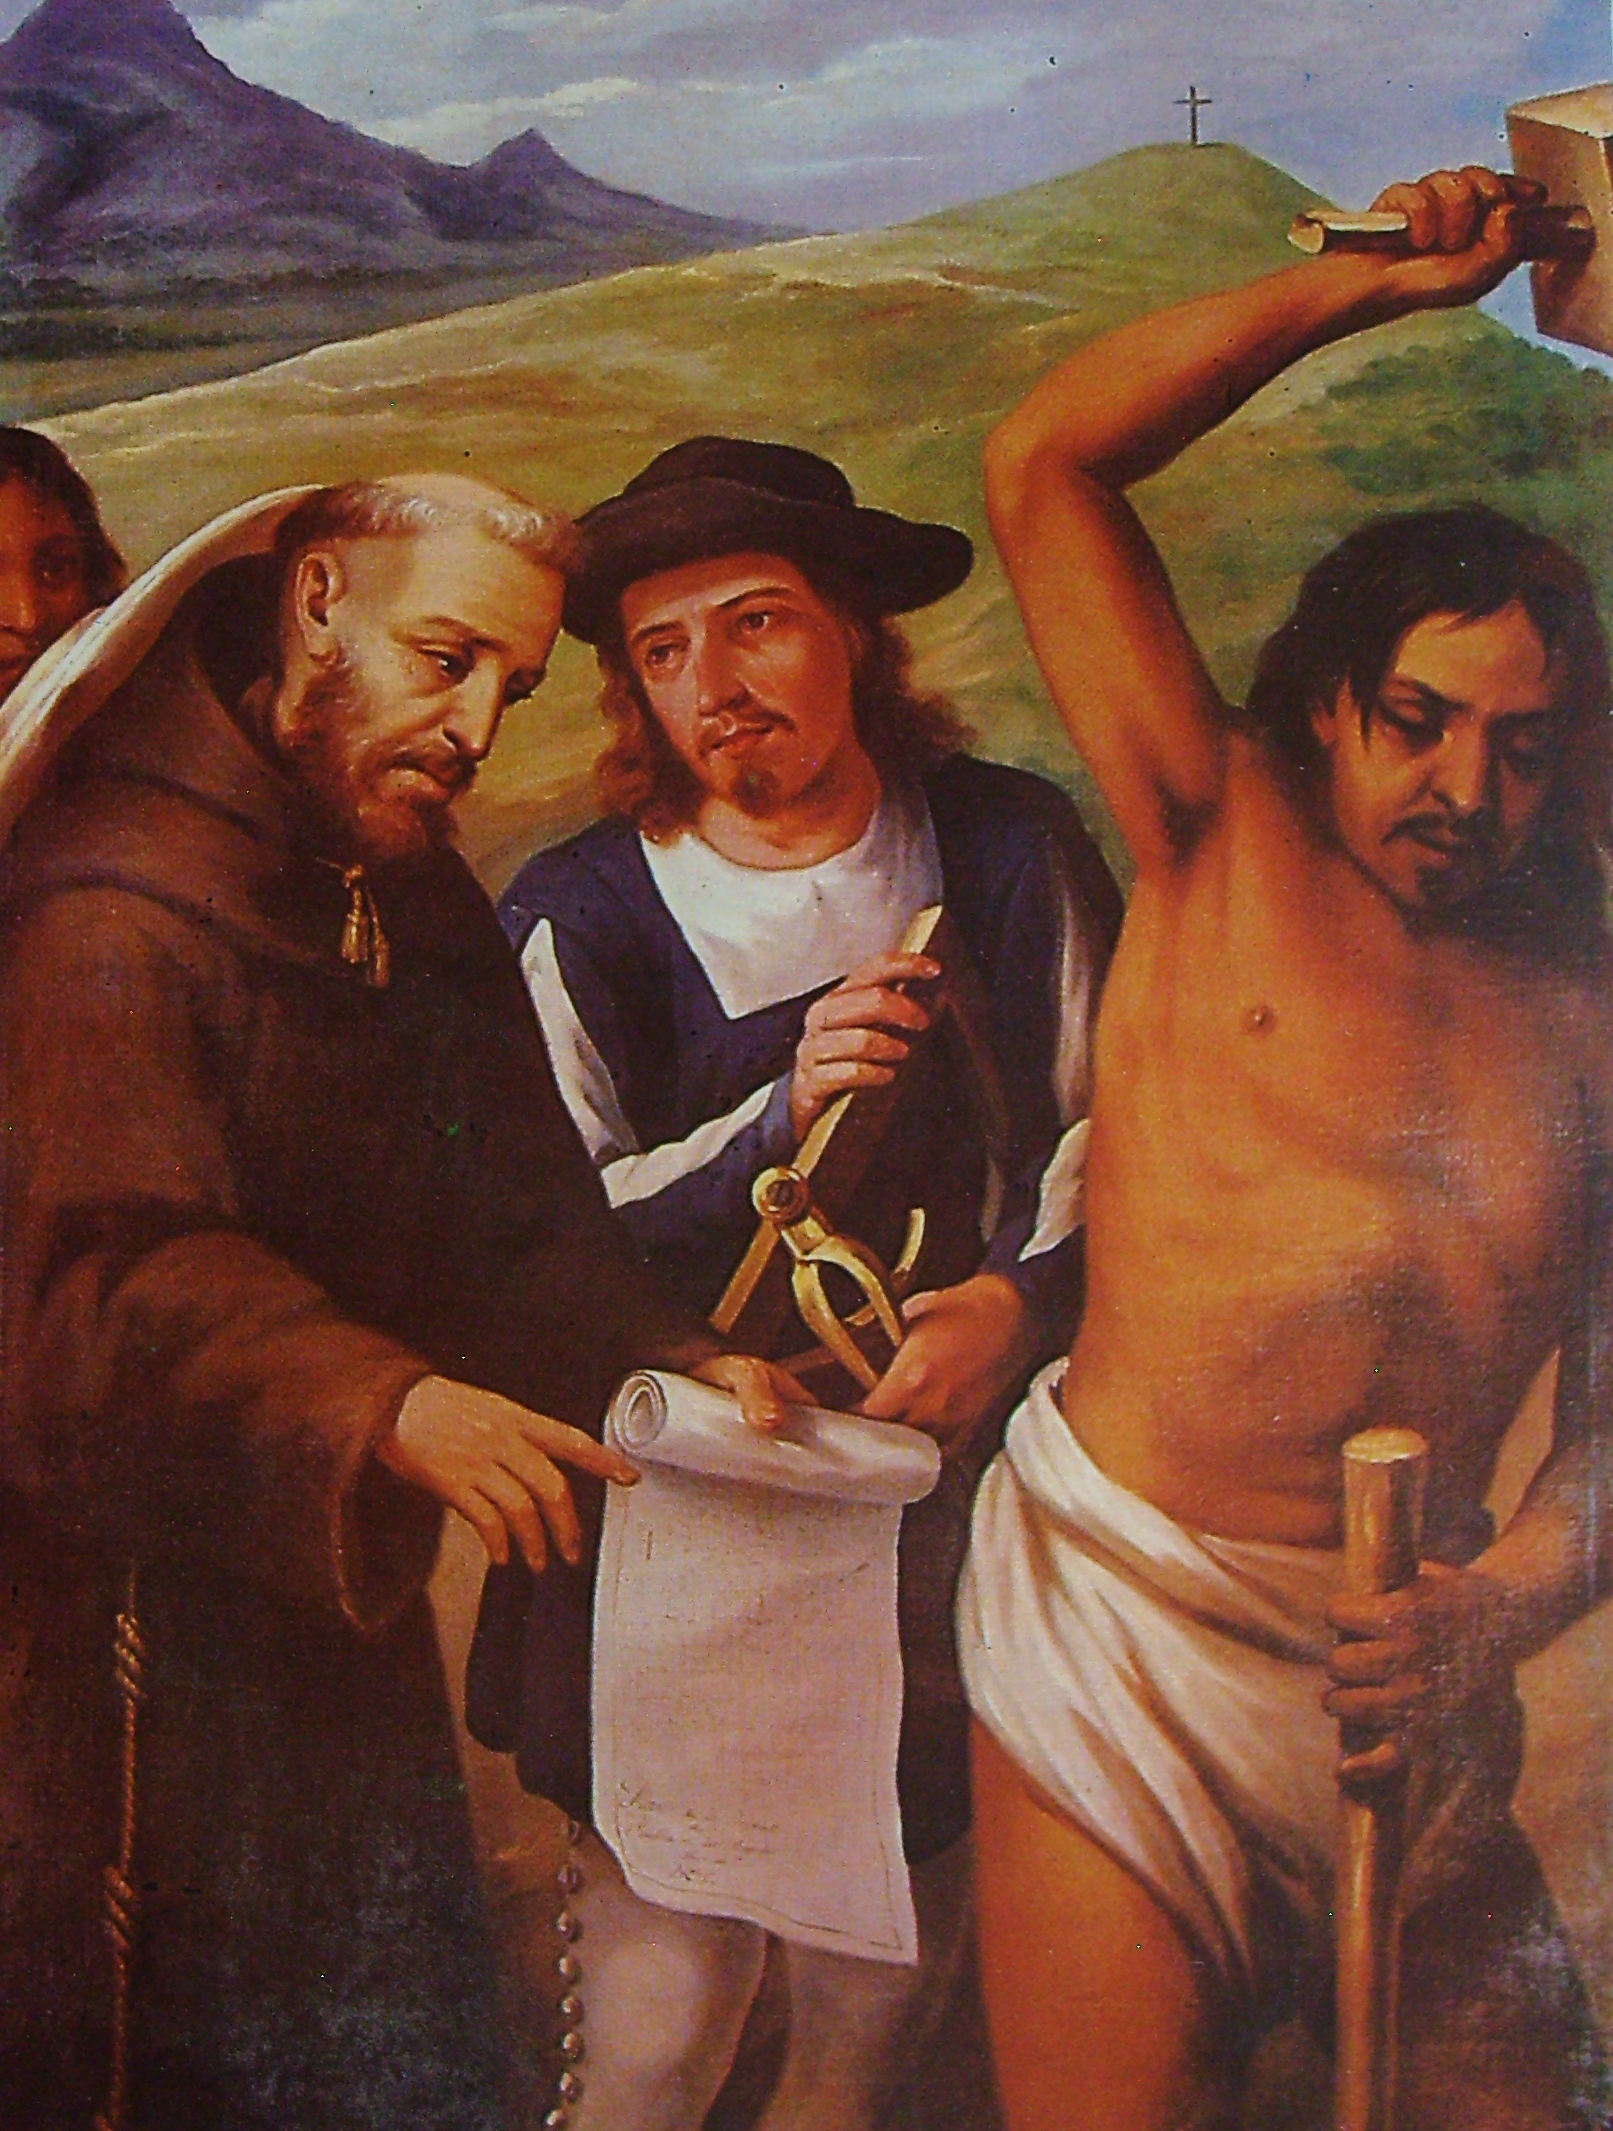 Una de las cosas que debes saber de Puebla es que se fundó el 16 de abril de 1531.